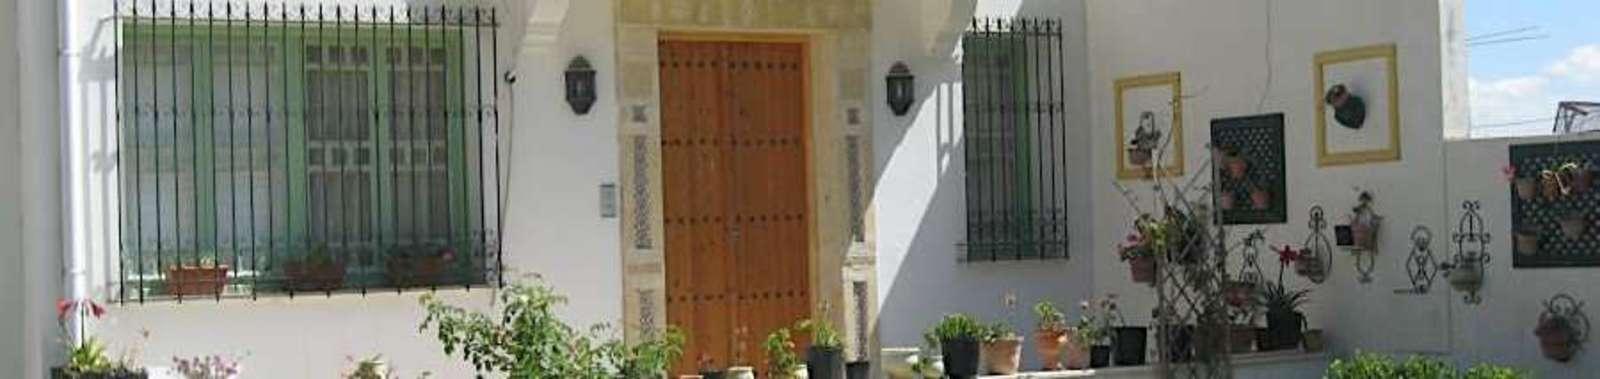 Dar Boumakhlouf, El Kef Tunisia